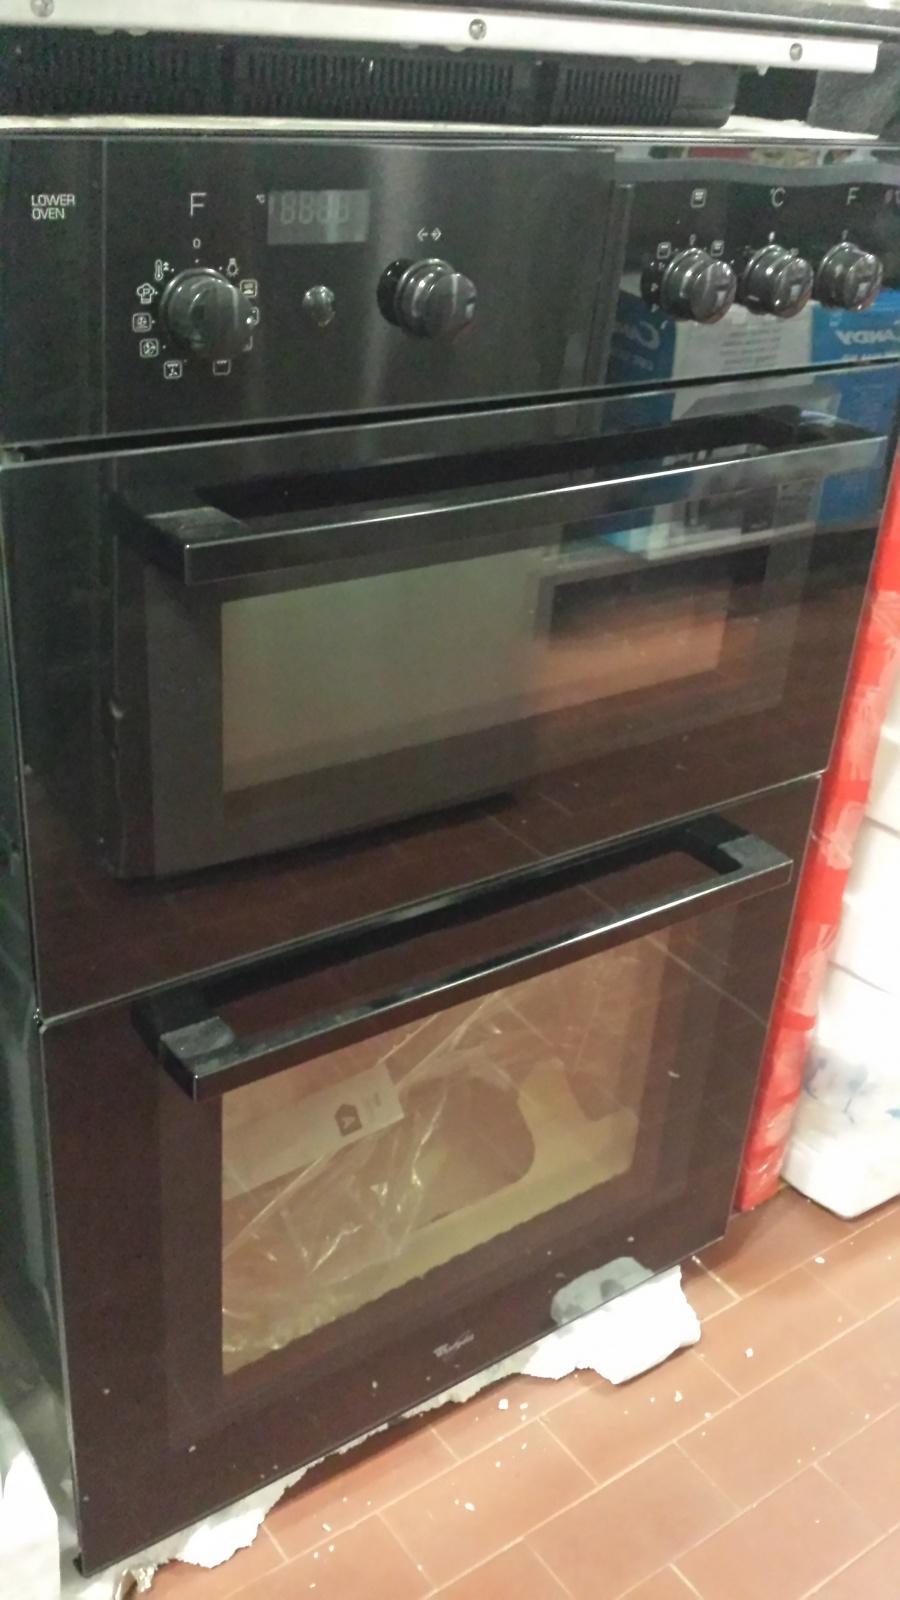 Forni incasso - Il miglior forno elettrico da incasso ...